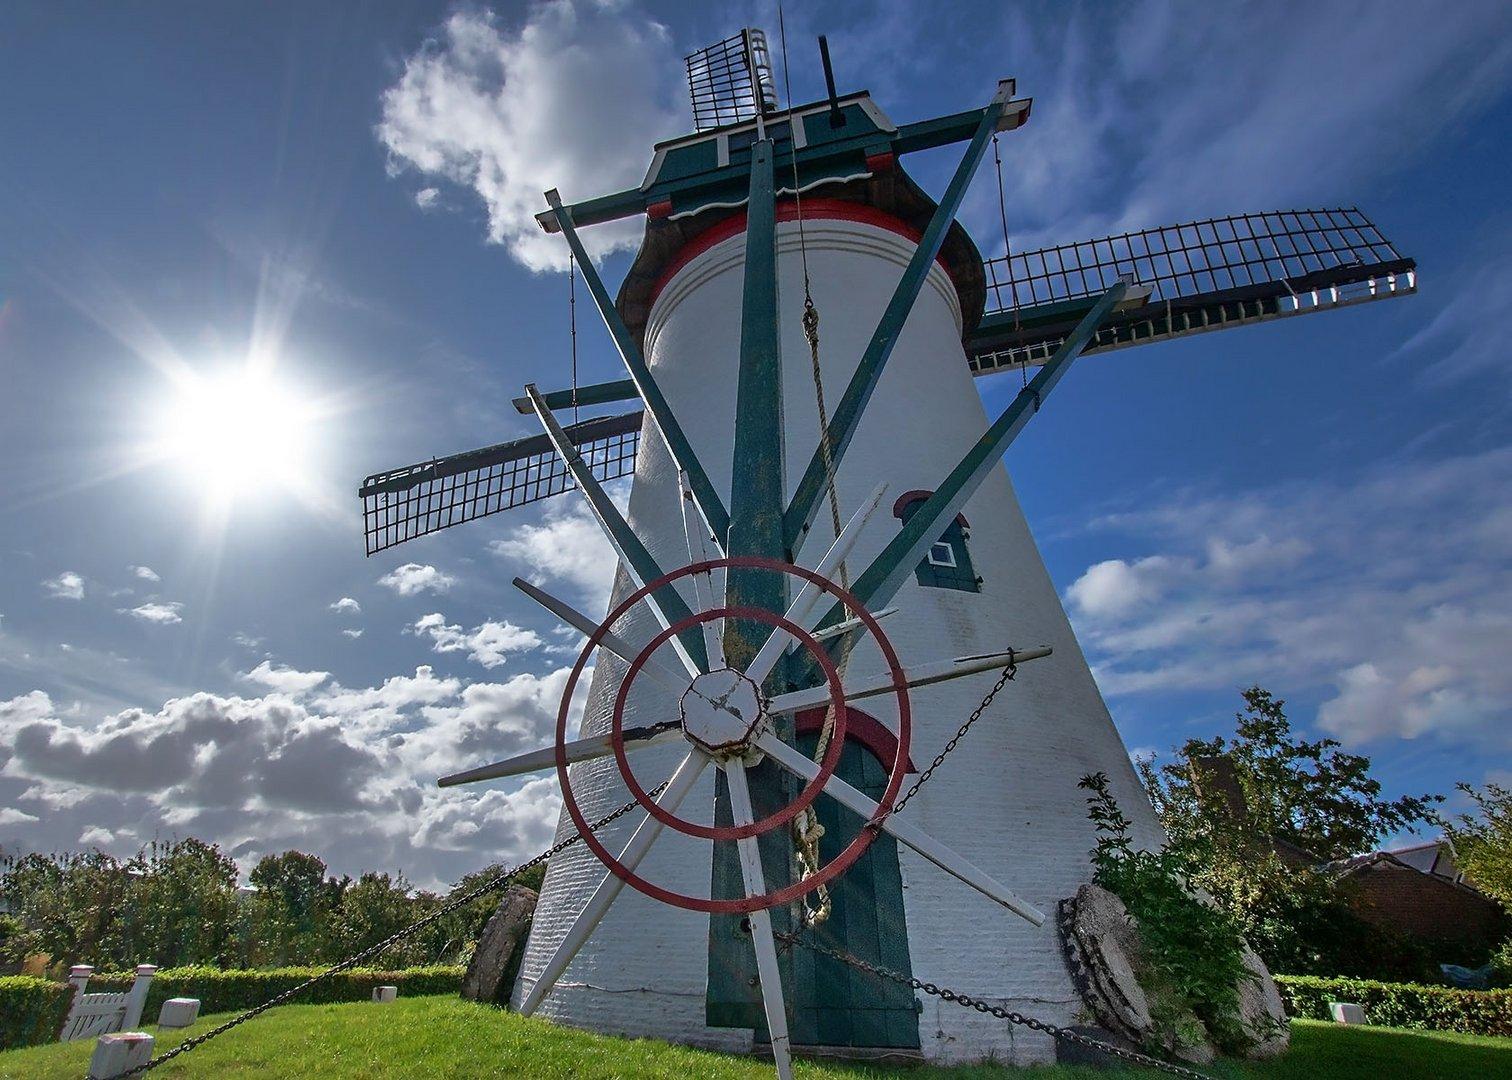 Holländische Mühle